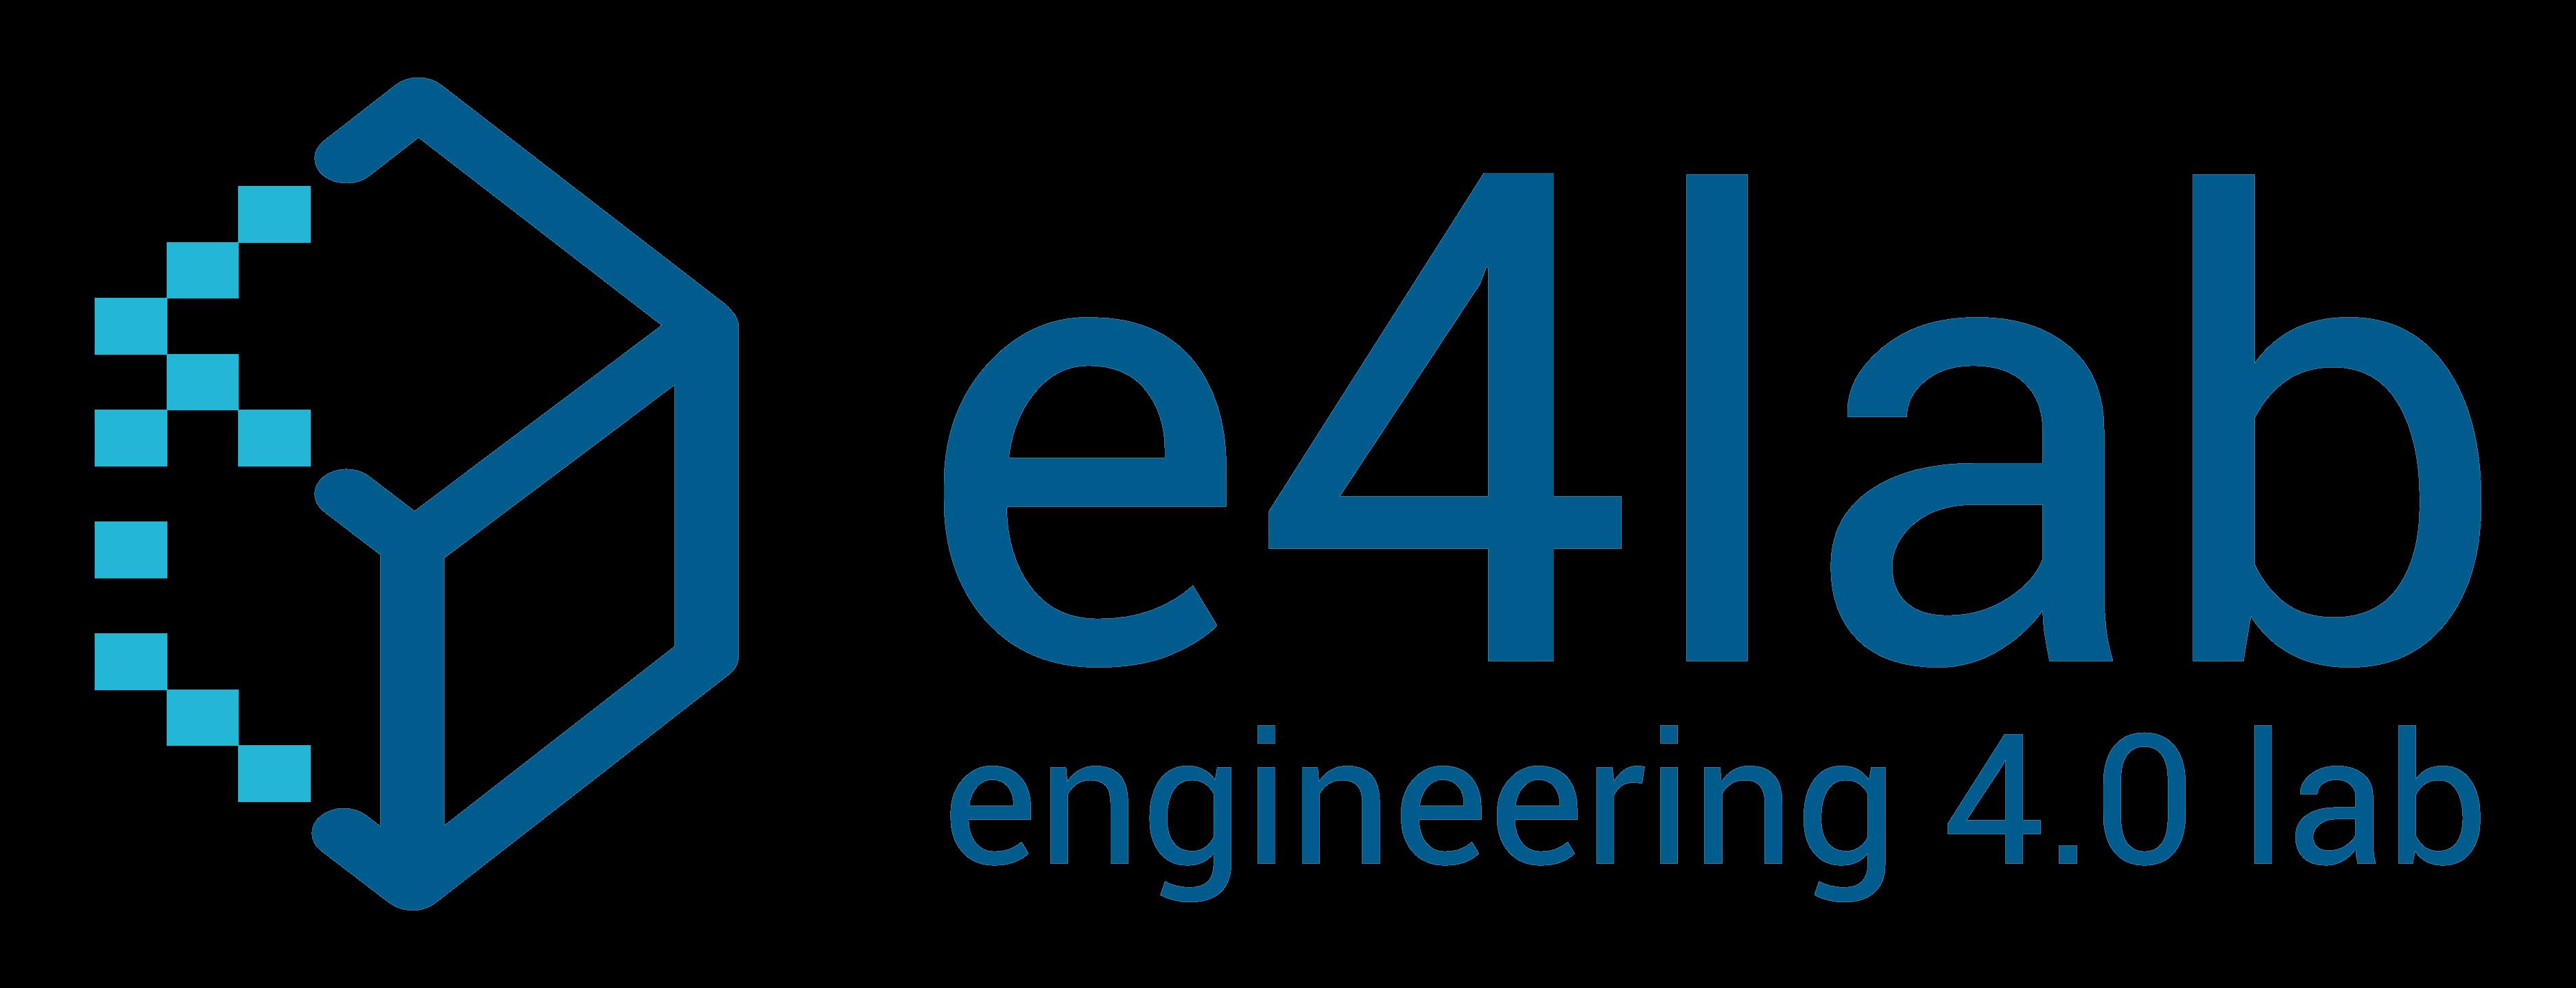 e4lab